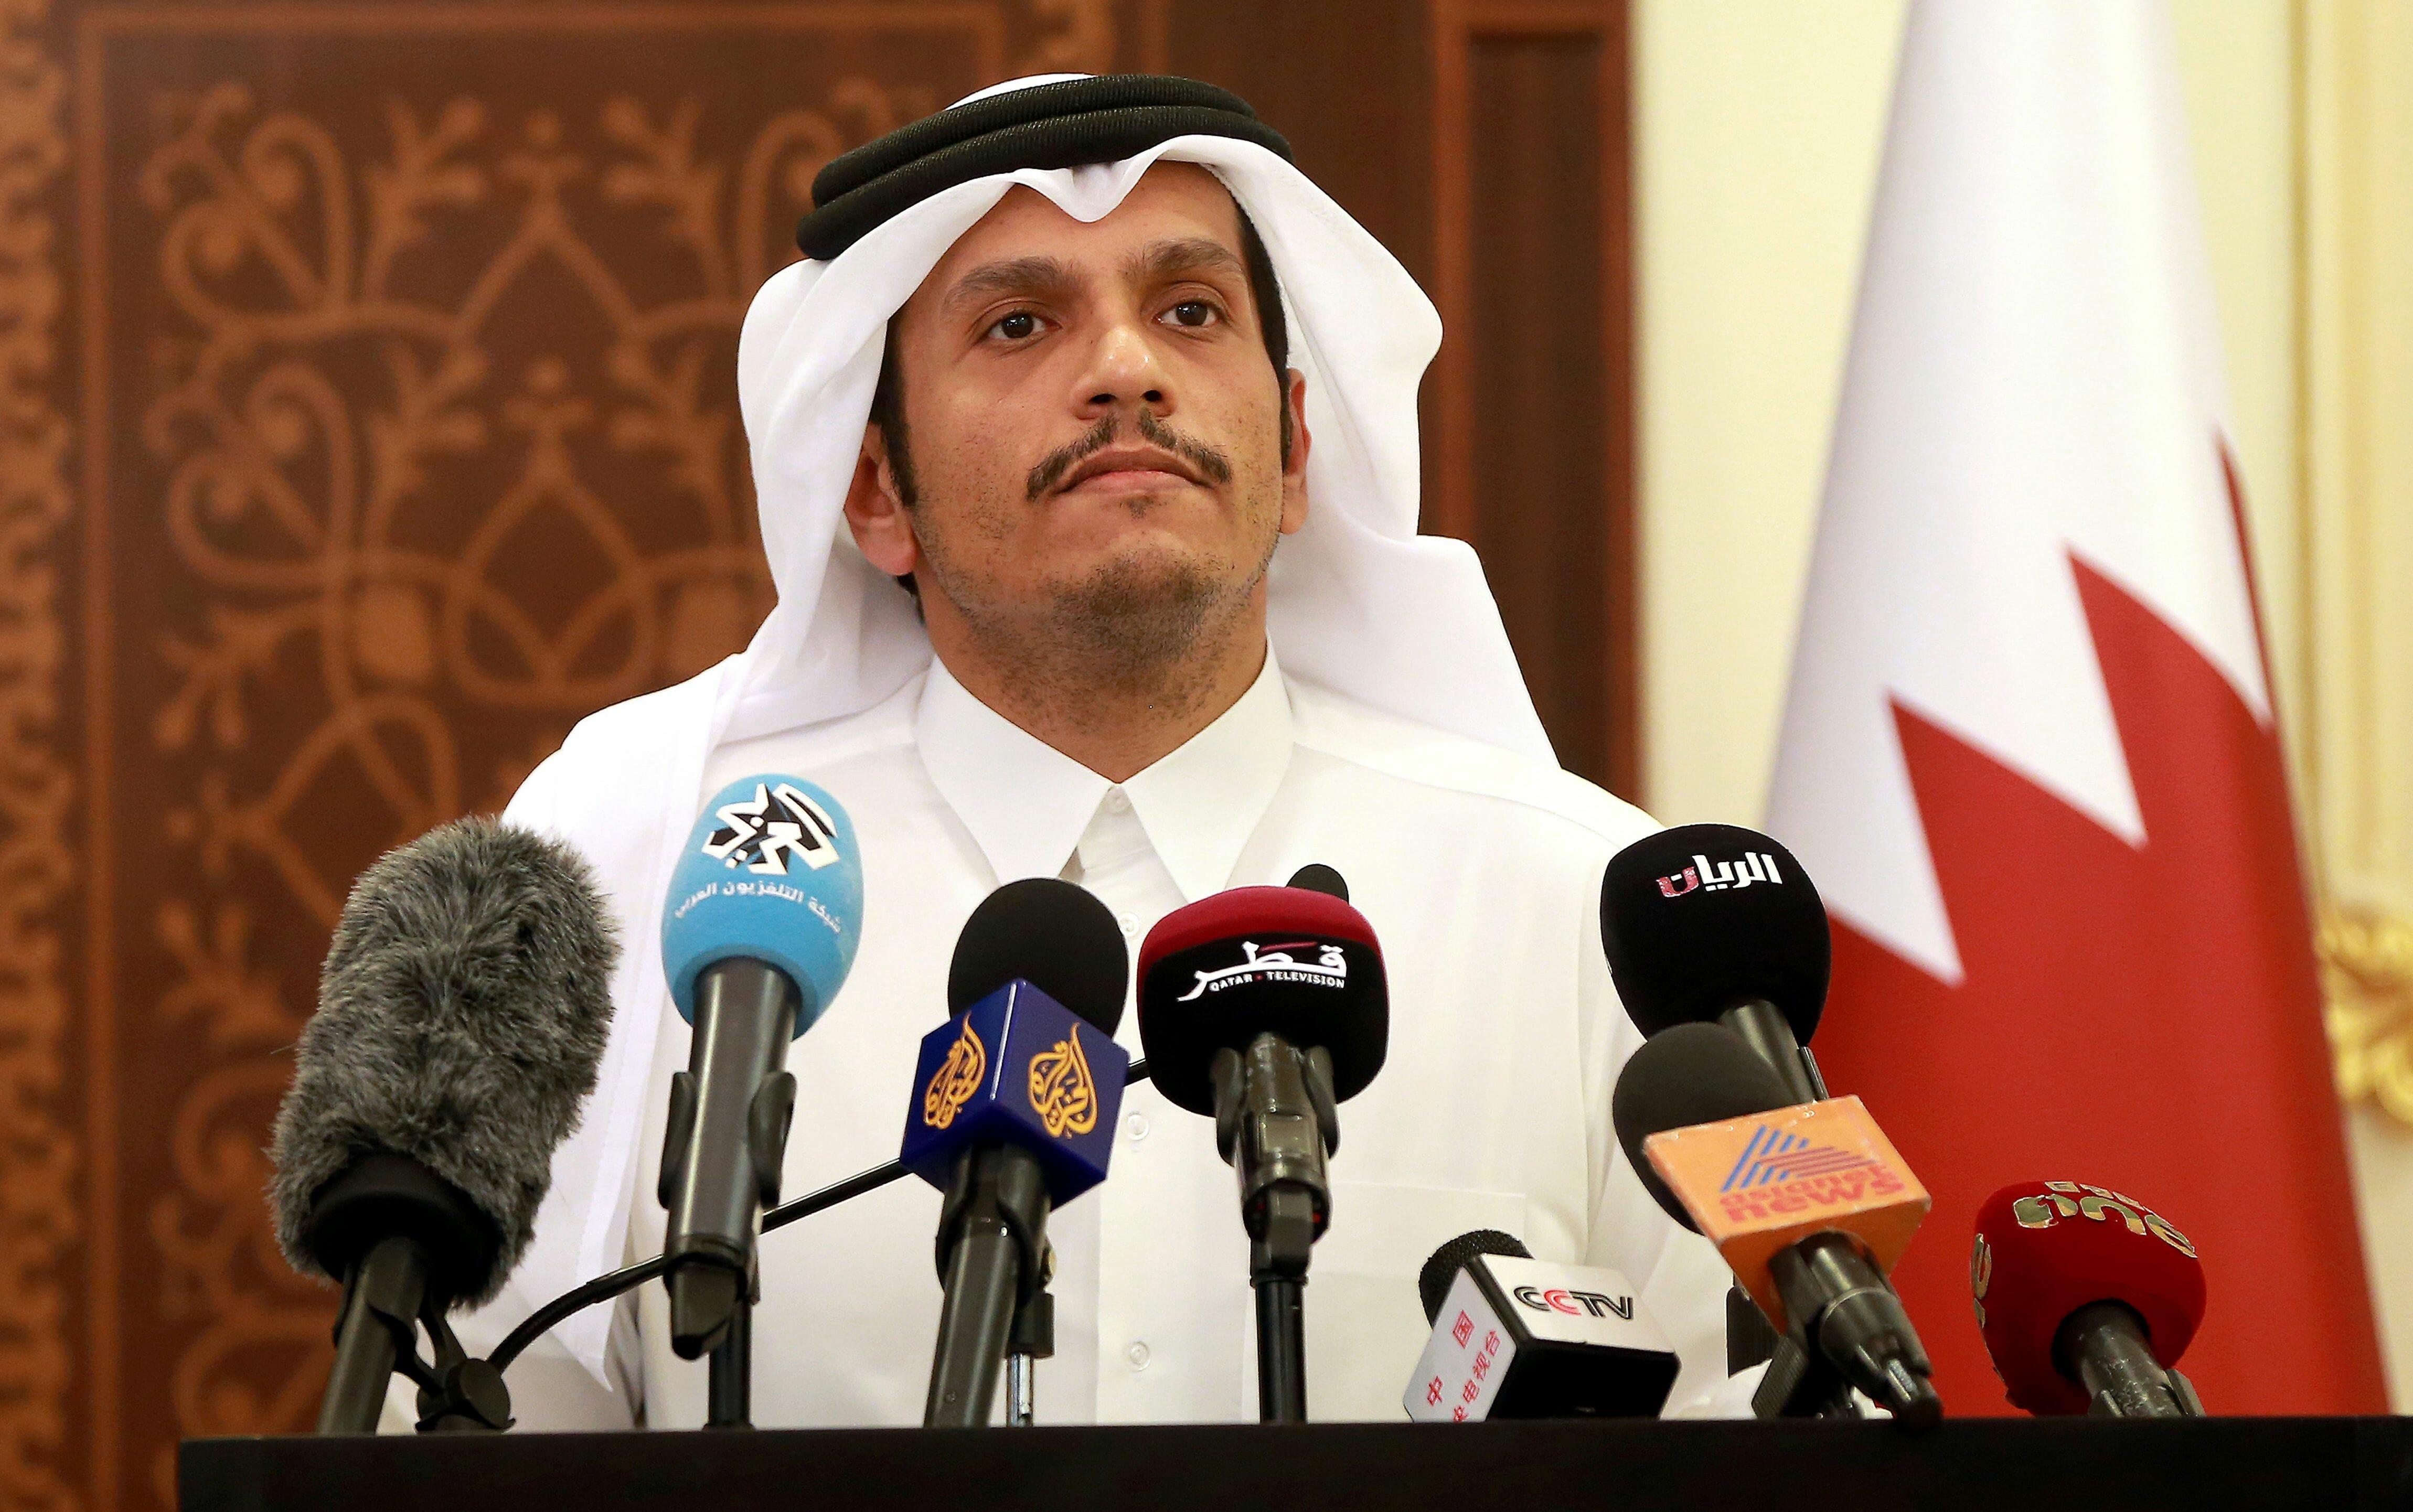 وزير خارجية قطر يعرض الوساطة للحوار بين الخليج وإيران